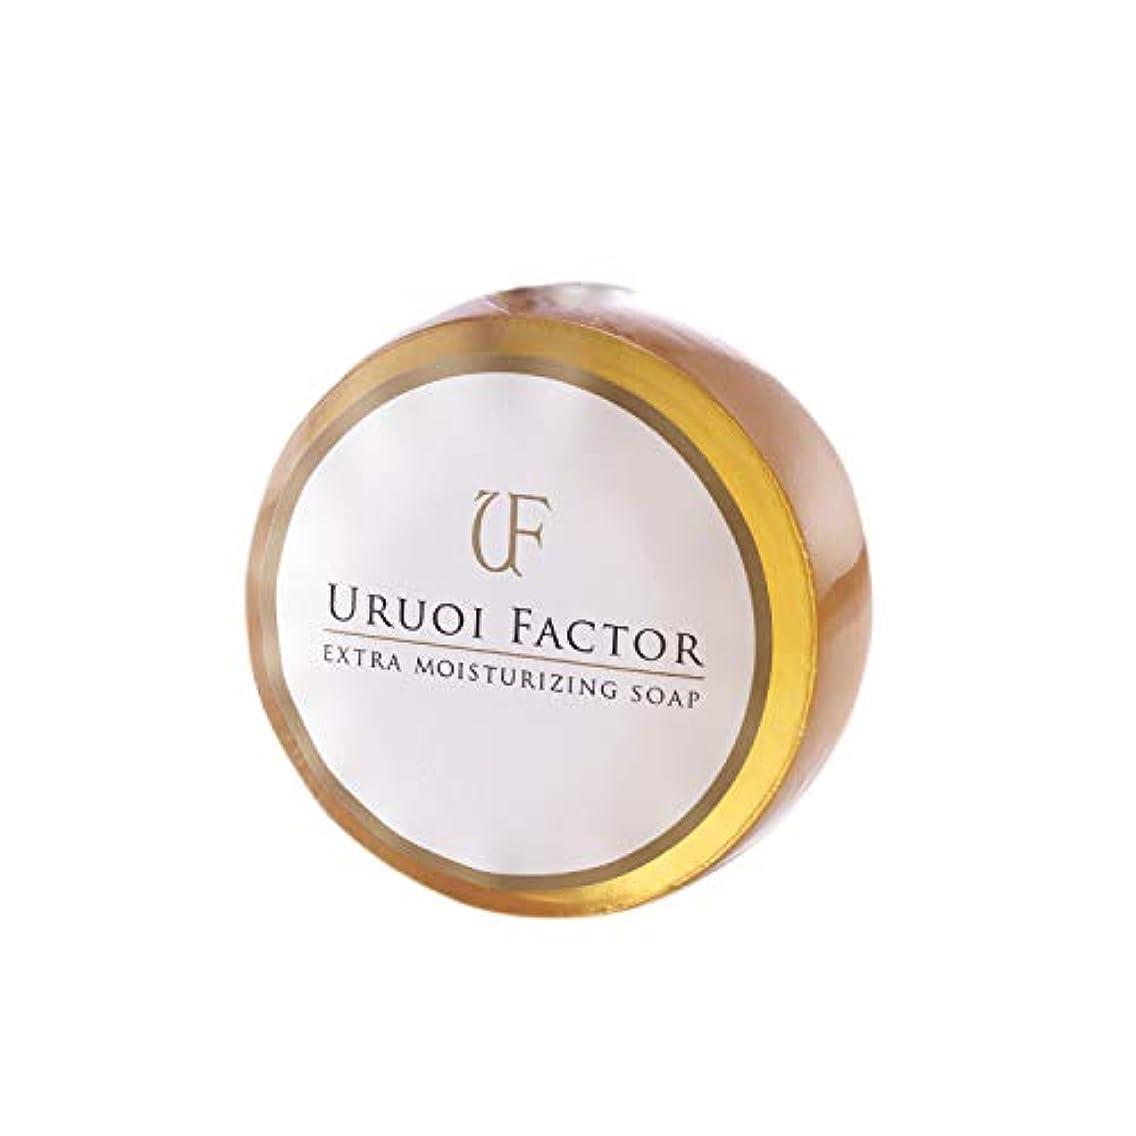 ドキュメンタリー戻る発疹URUOI FACTOR(うるおいファクター) UFソープ フルボ酸 スクワラン配合 無添加洗顔石鹸(弱アルカリ性) 100g